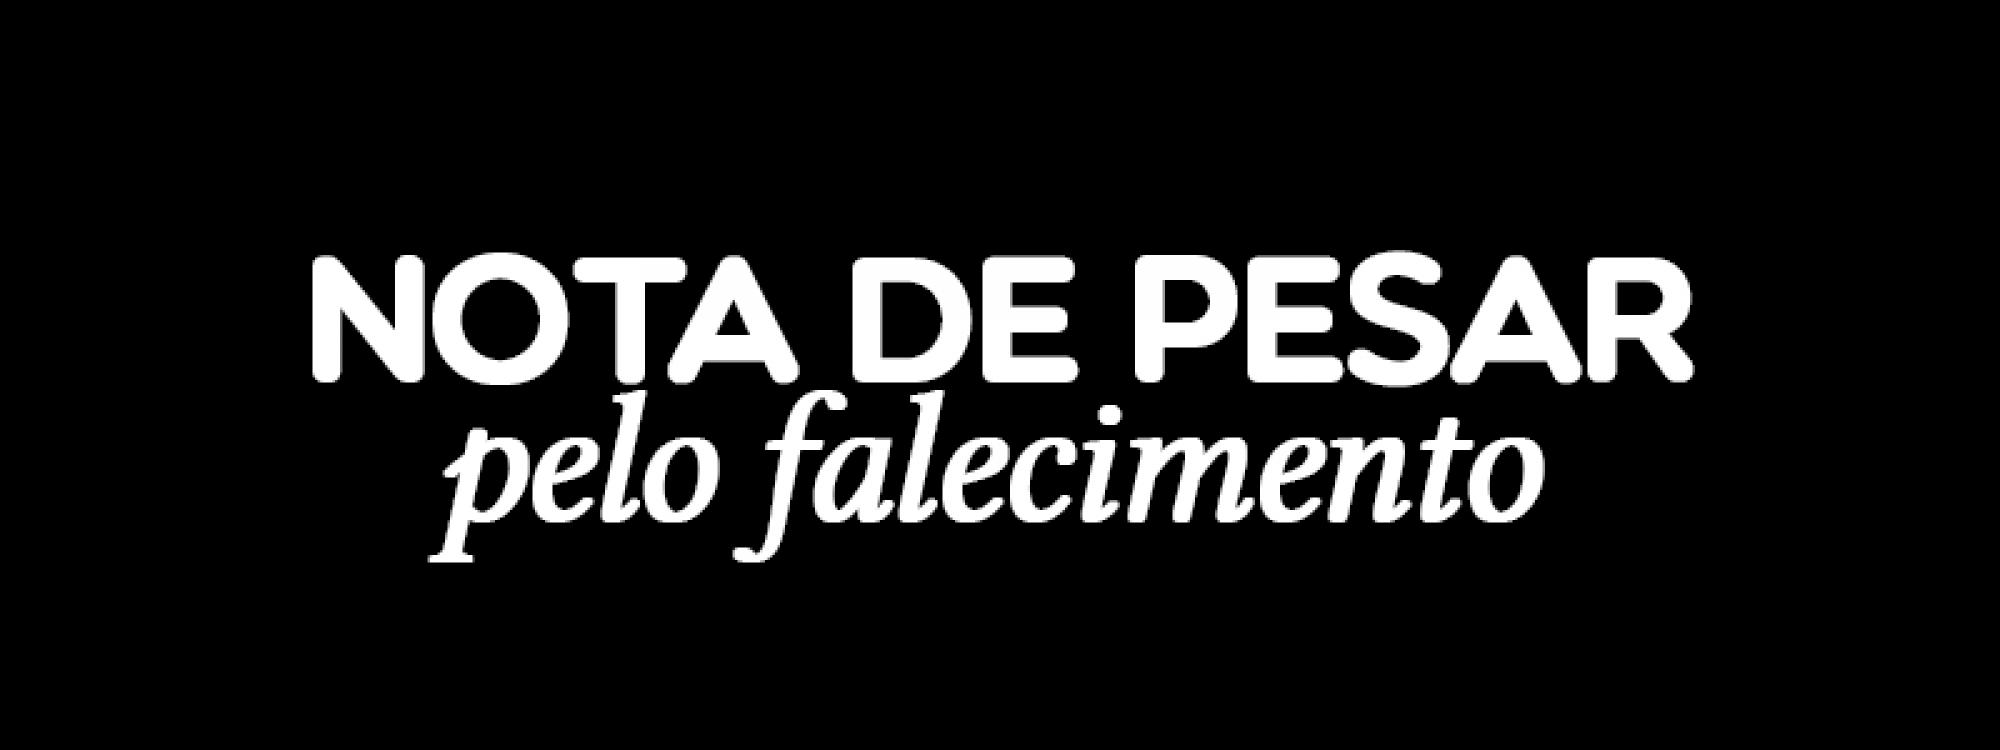 Nota de pesar pelo falecimento do professor Antônio Francisco Durighetto Júnior